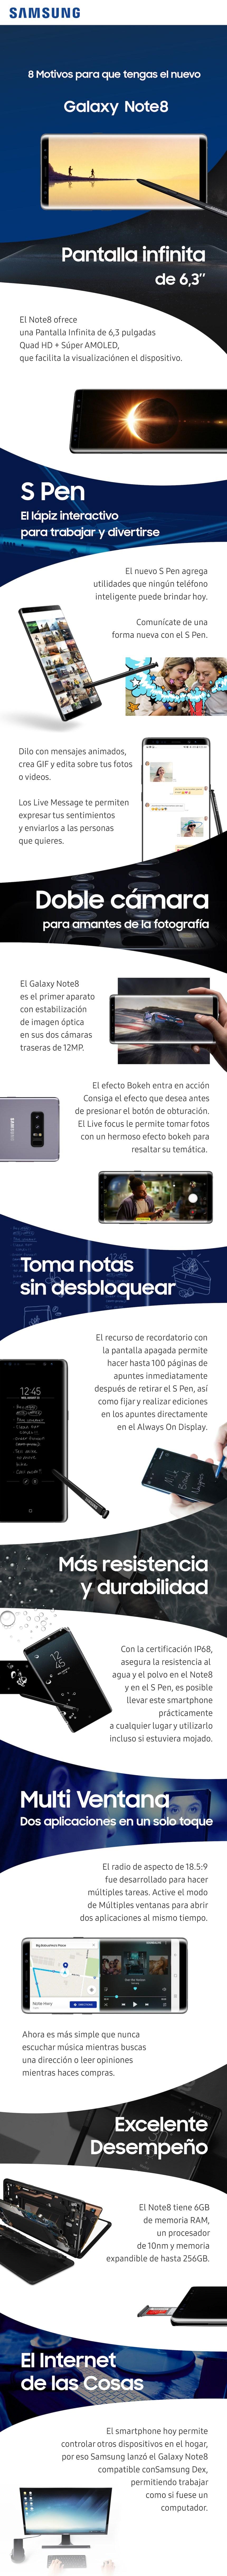 8 motivos para tener un Samsung Galaxy Note 8